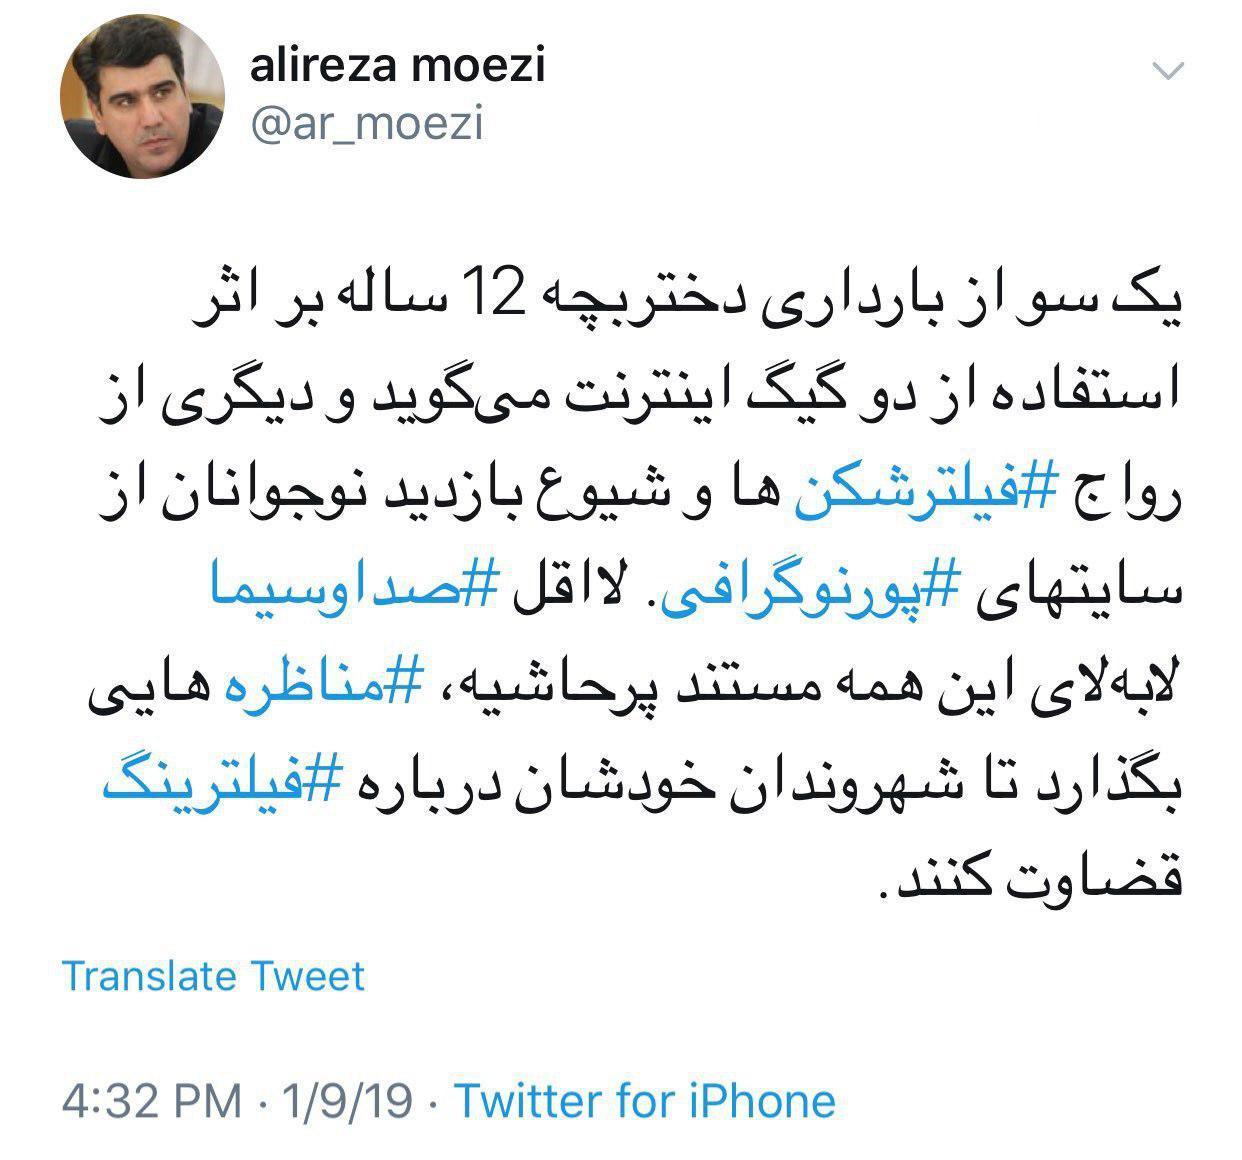 واکنش دبیر شورای اطلاعرسانی دولت به ماجرای بارداری یک دختر با دو گیگ اینترنت رایگان!